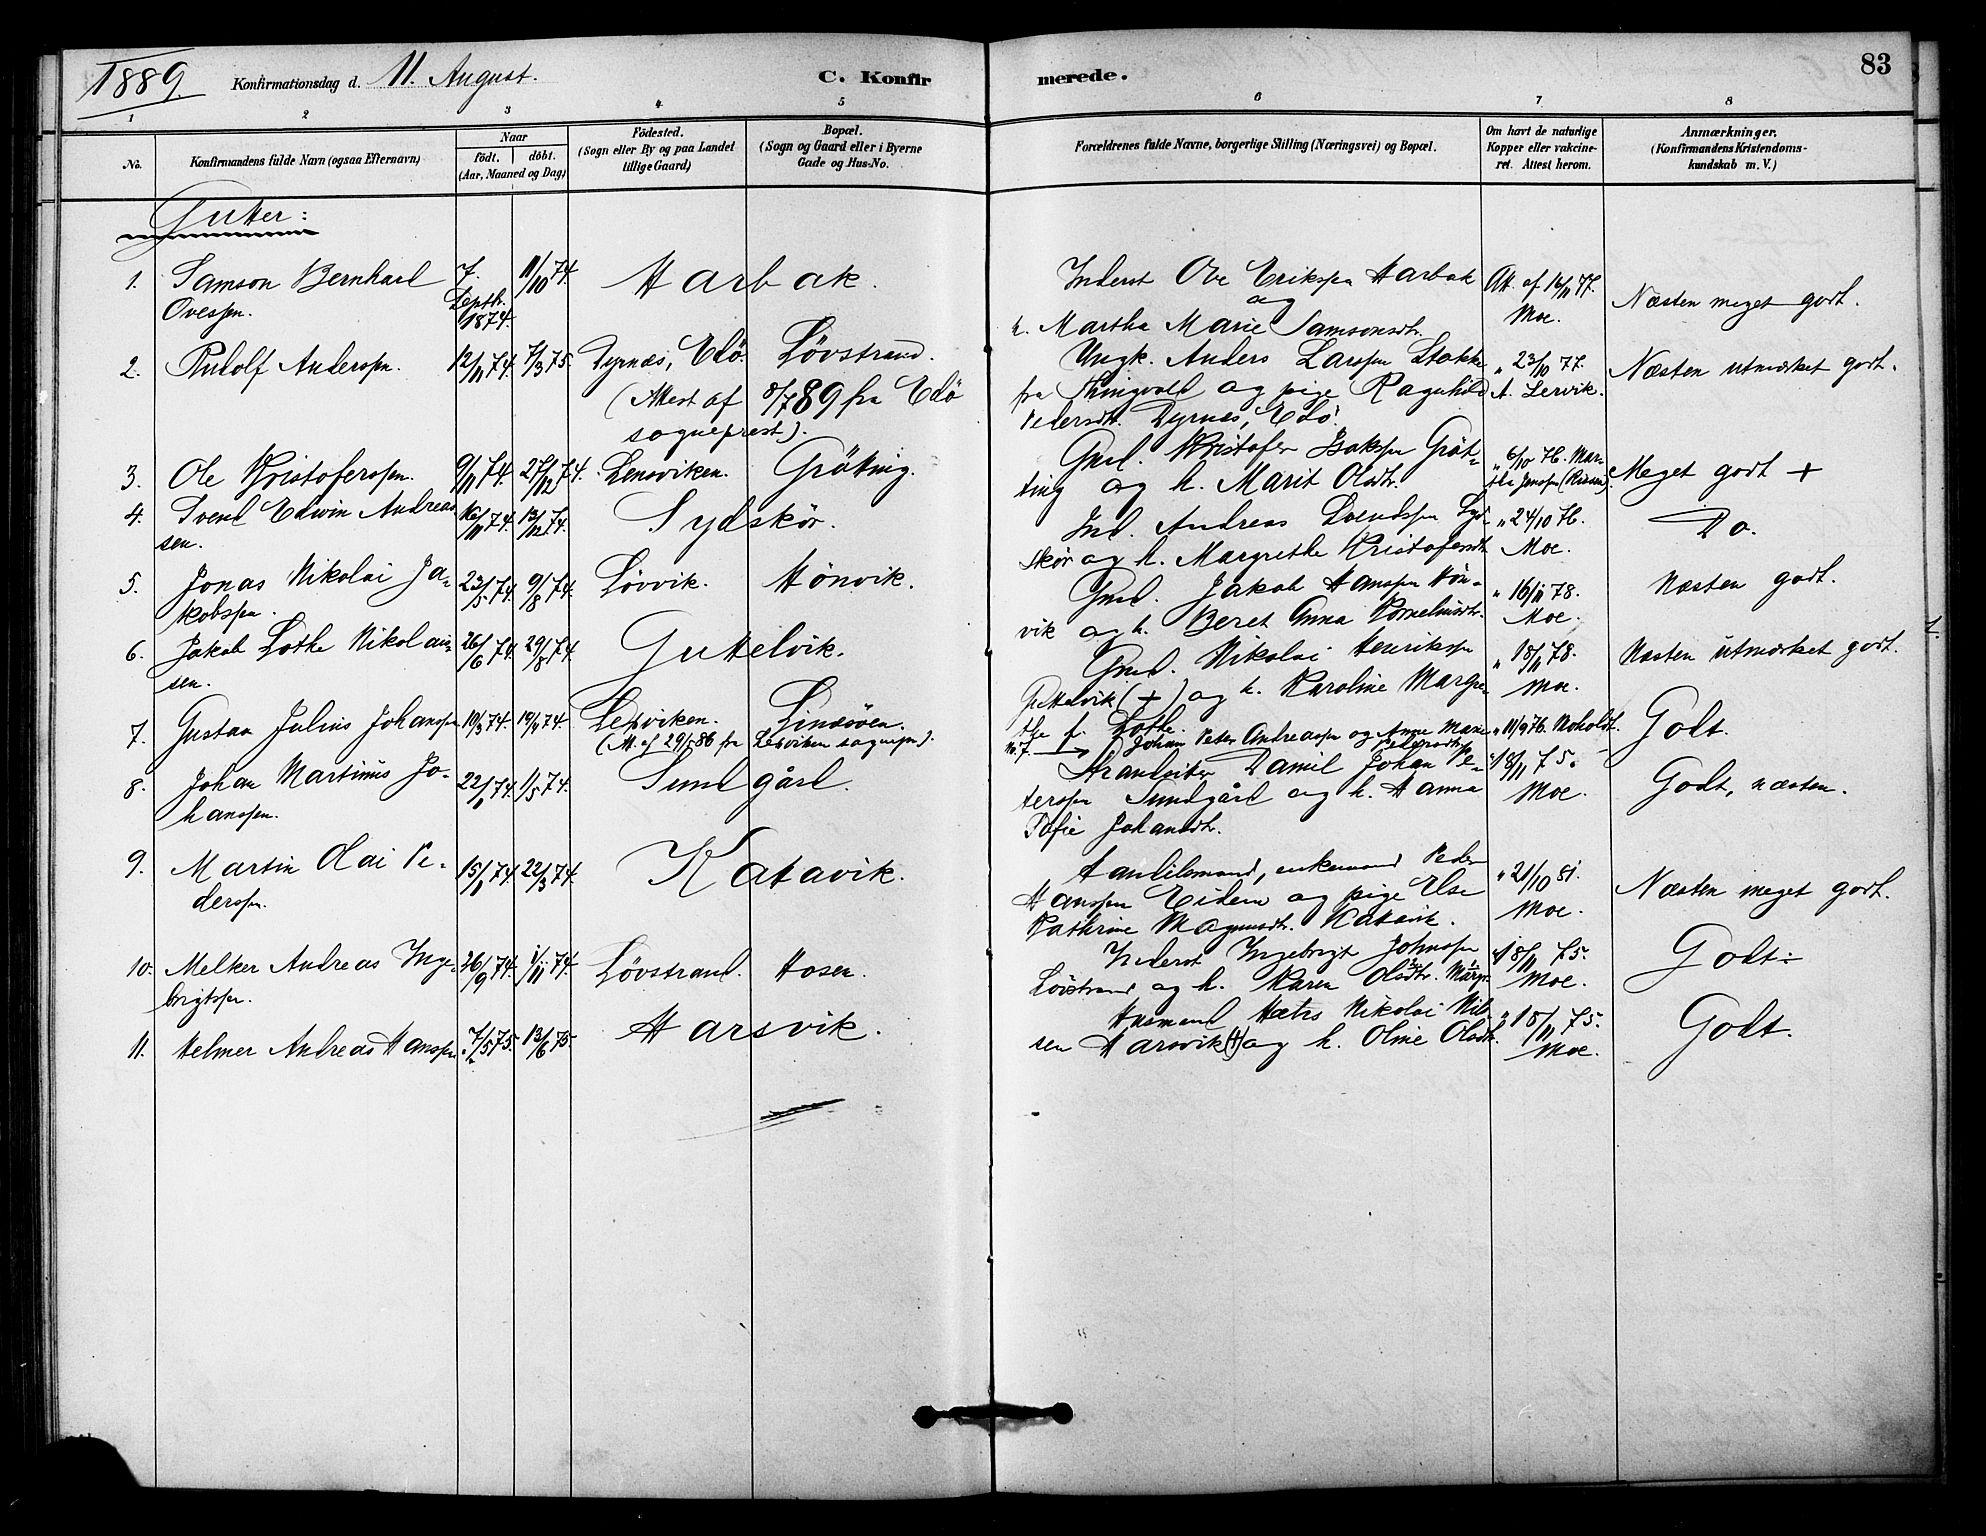 SAT, Ministerialprotokoller, klokkerbøker og fødselsregistre - Sør-Trøndelag, 656/L0692: Ministerialbok nr. 656A01, 1879-1893, s. 83